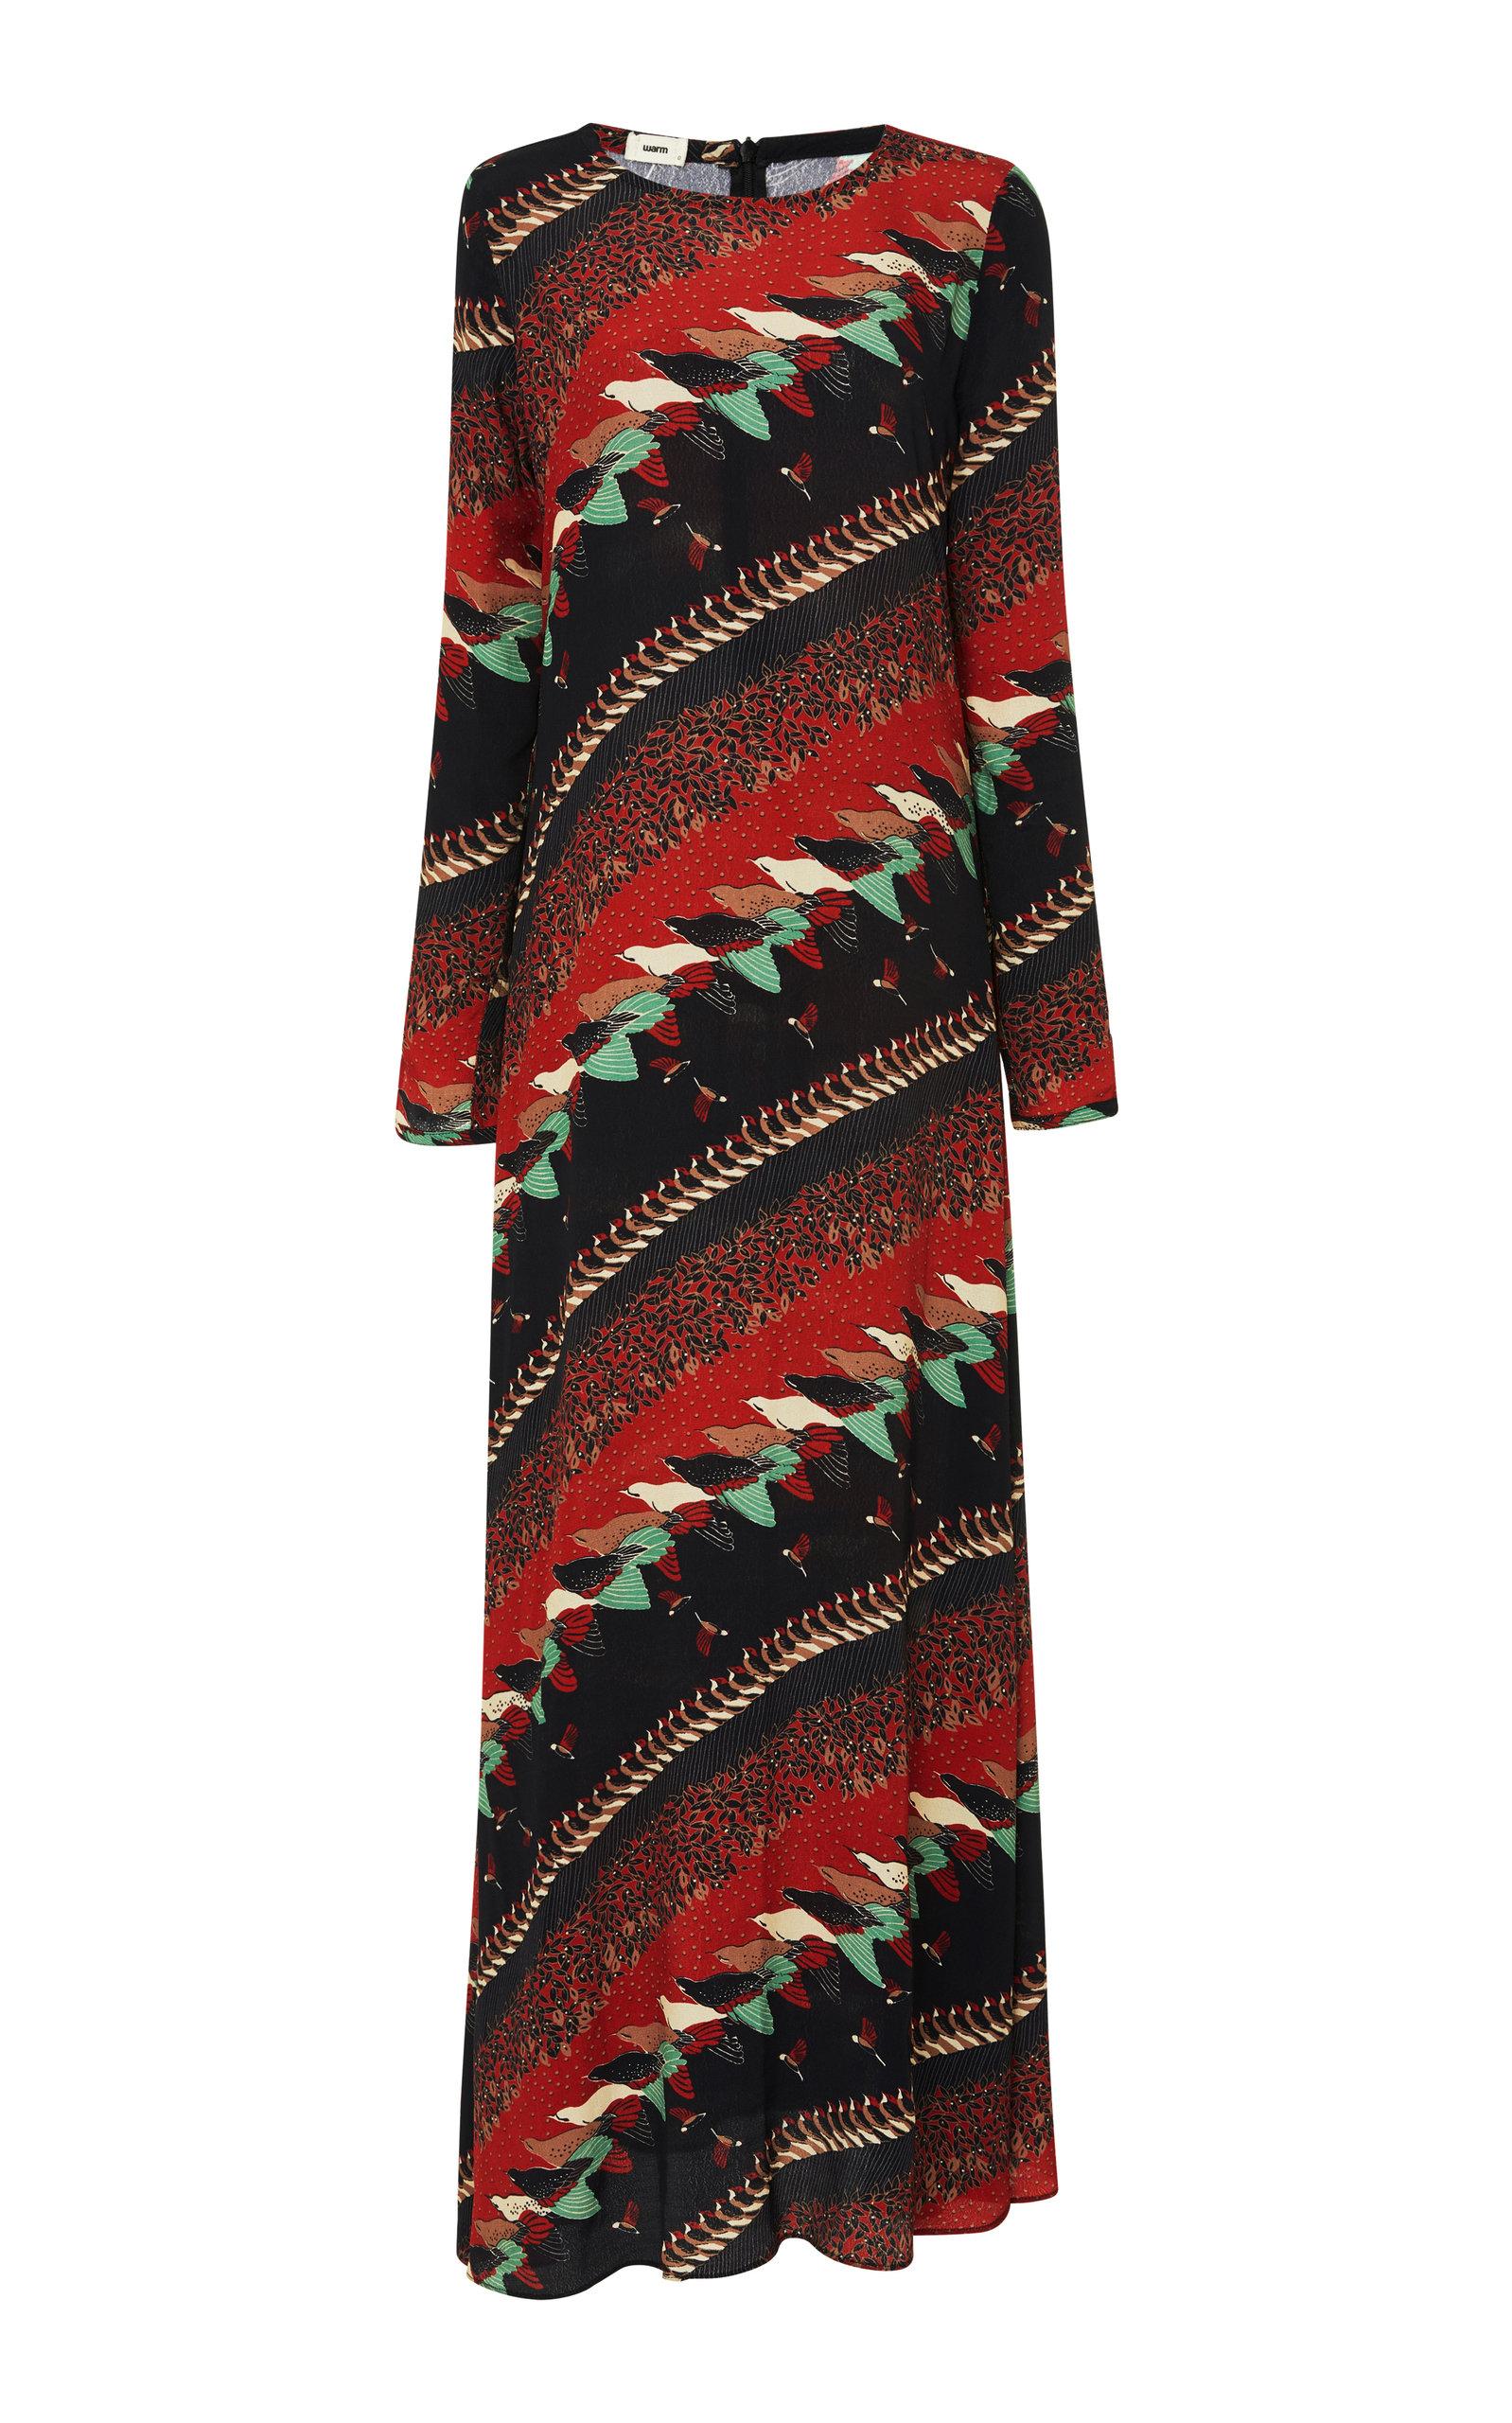 Warm PRINTED CADY MAXI DRESS